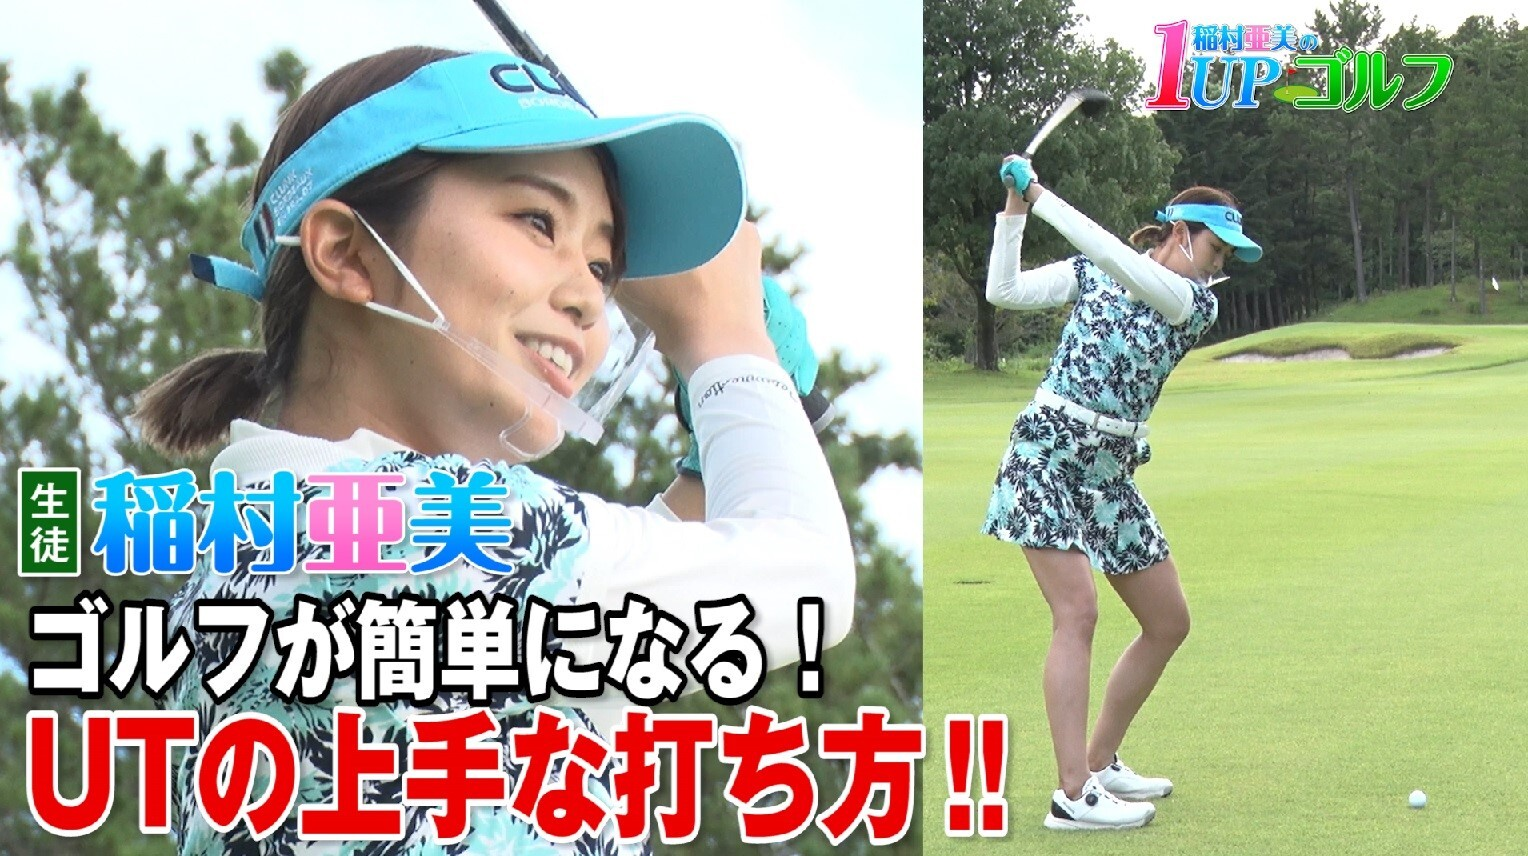 1UPゴルフ_UT編